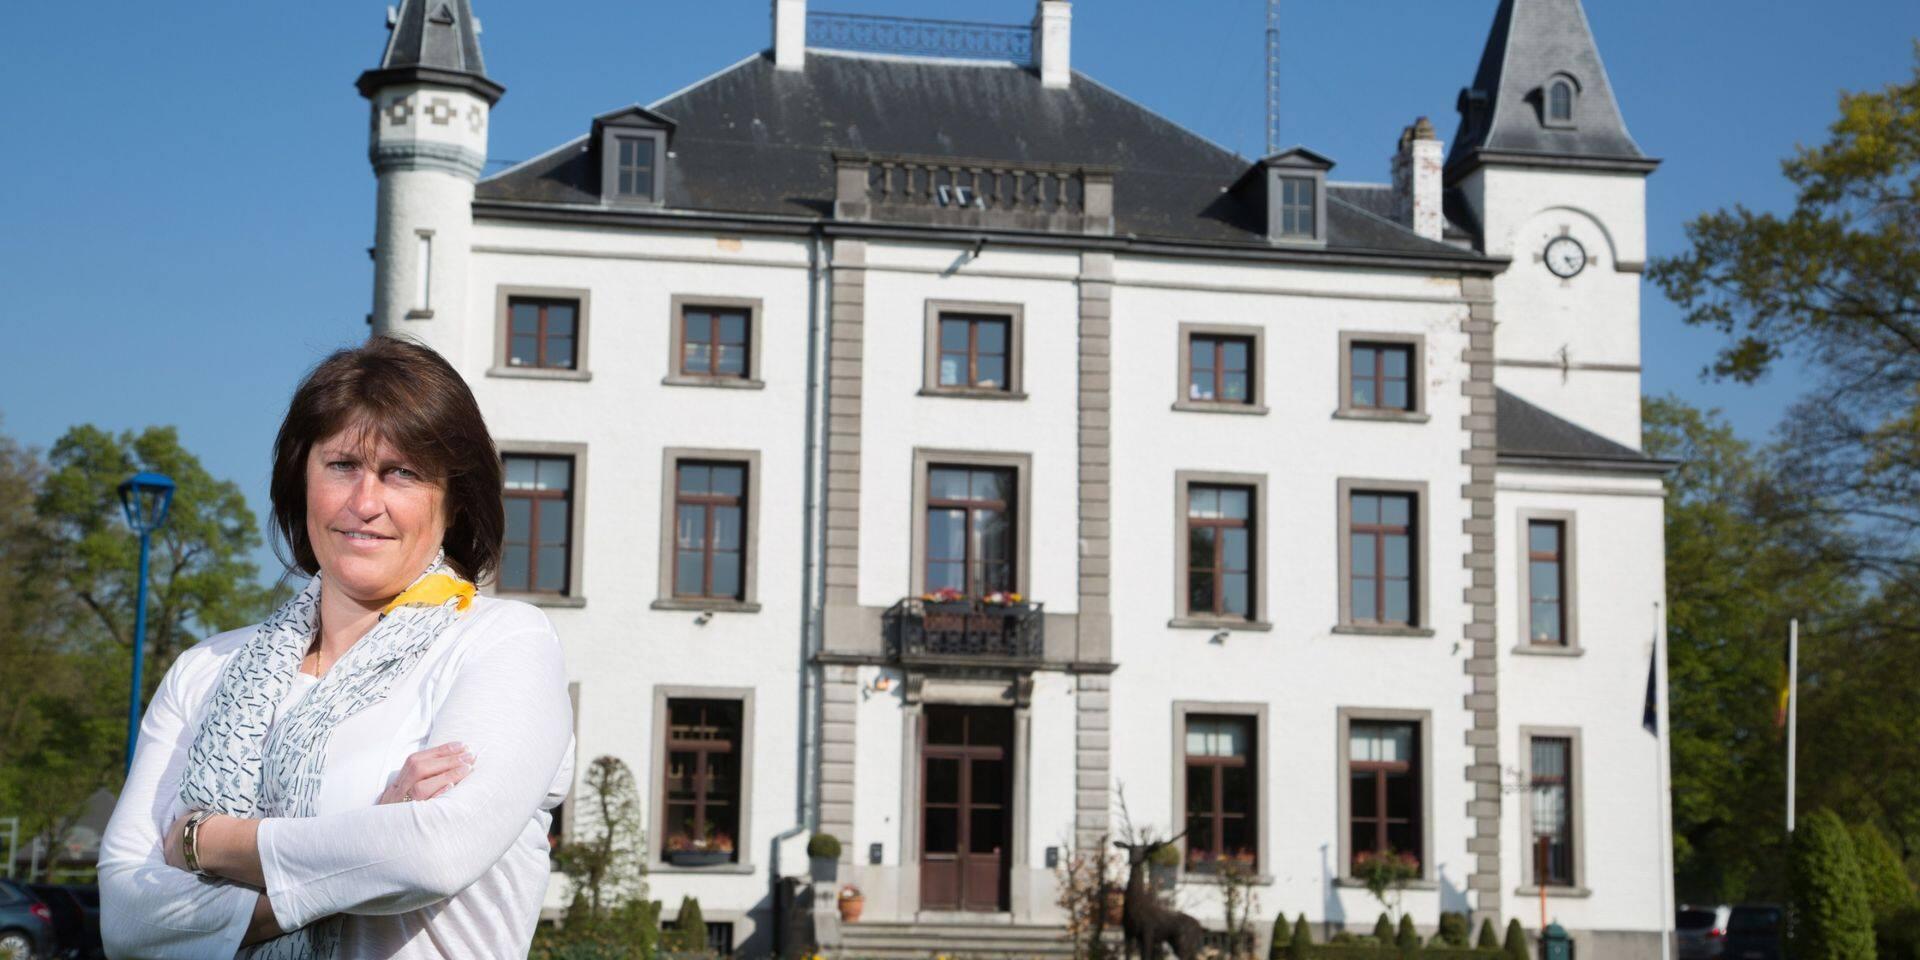 Zones de secours: La Province du Hainaut tient un discours contradictoire selon Jacqueline Galant